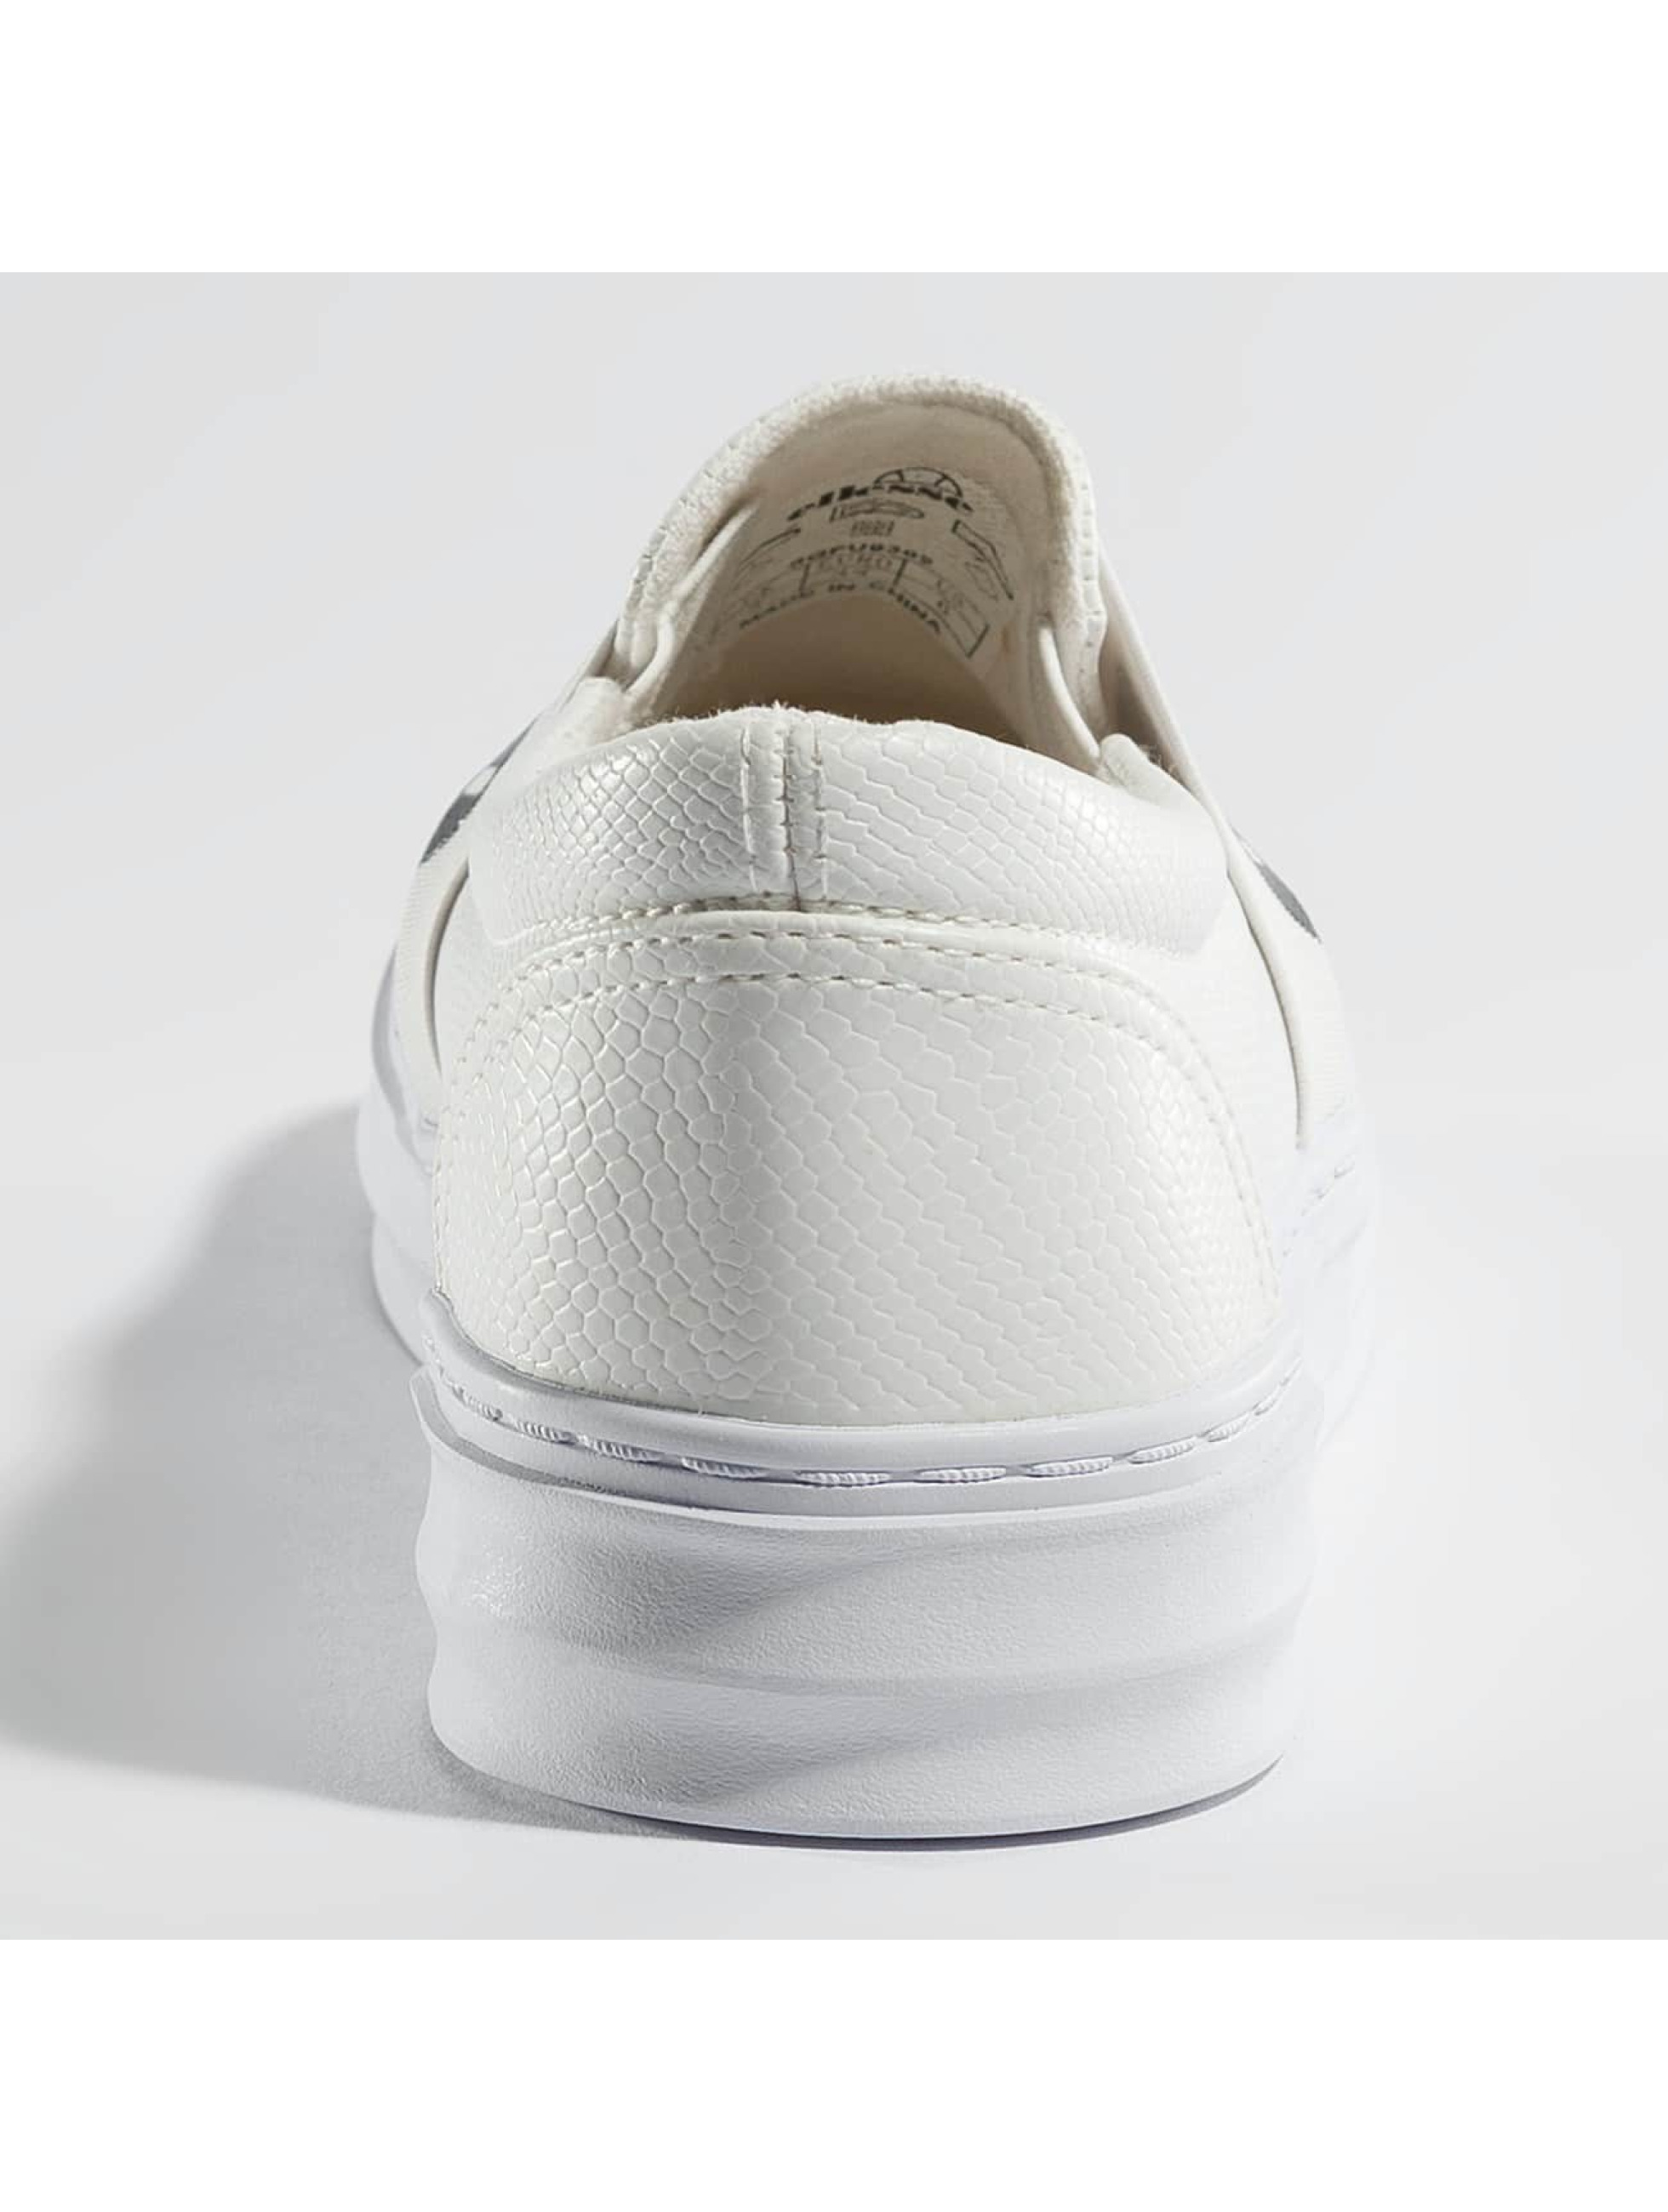 Ellesse Baskets Heritage Panforte Vulcanised blanc